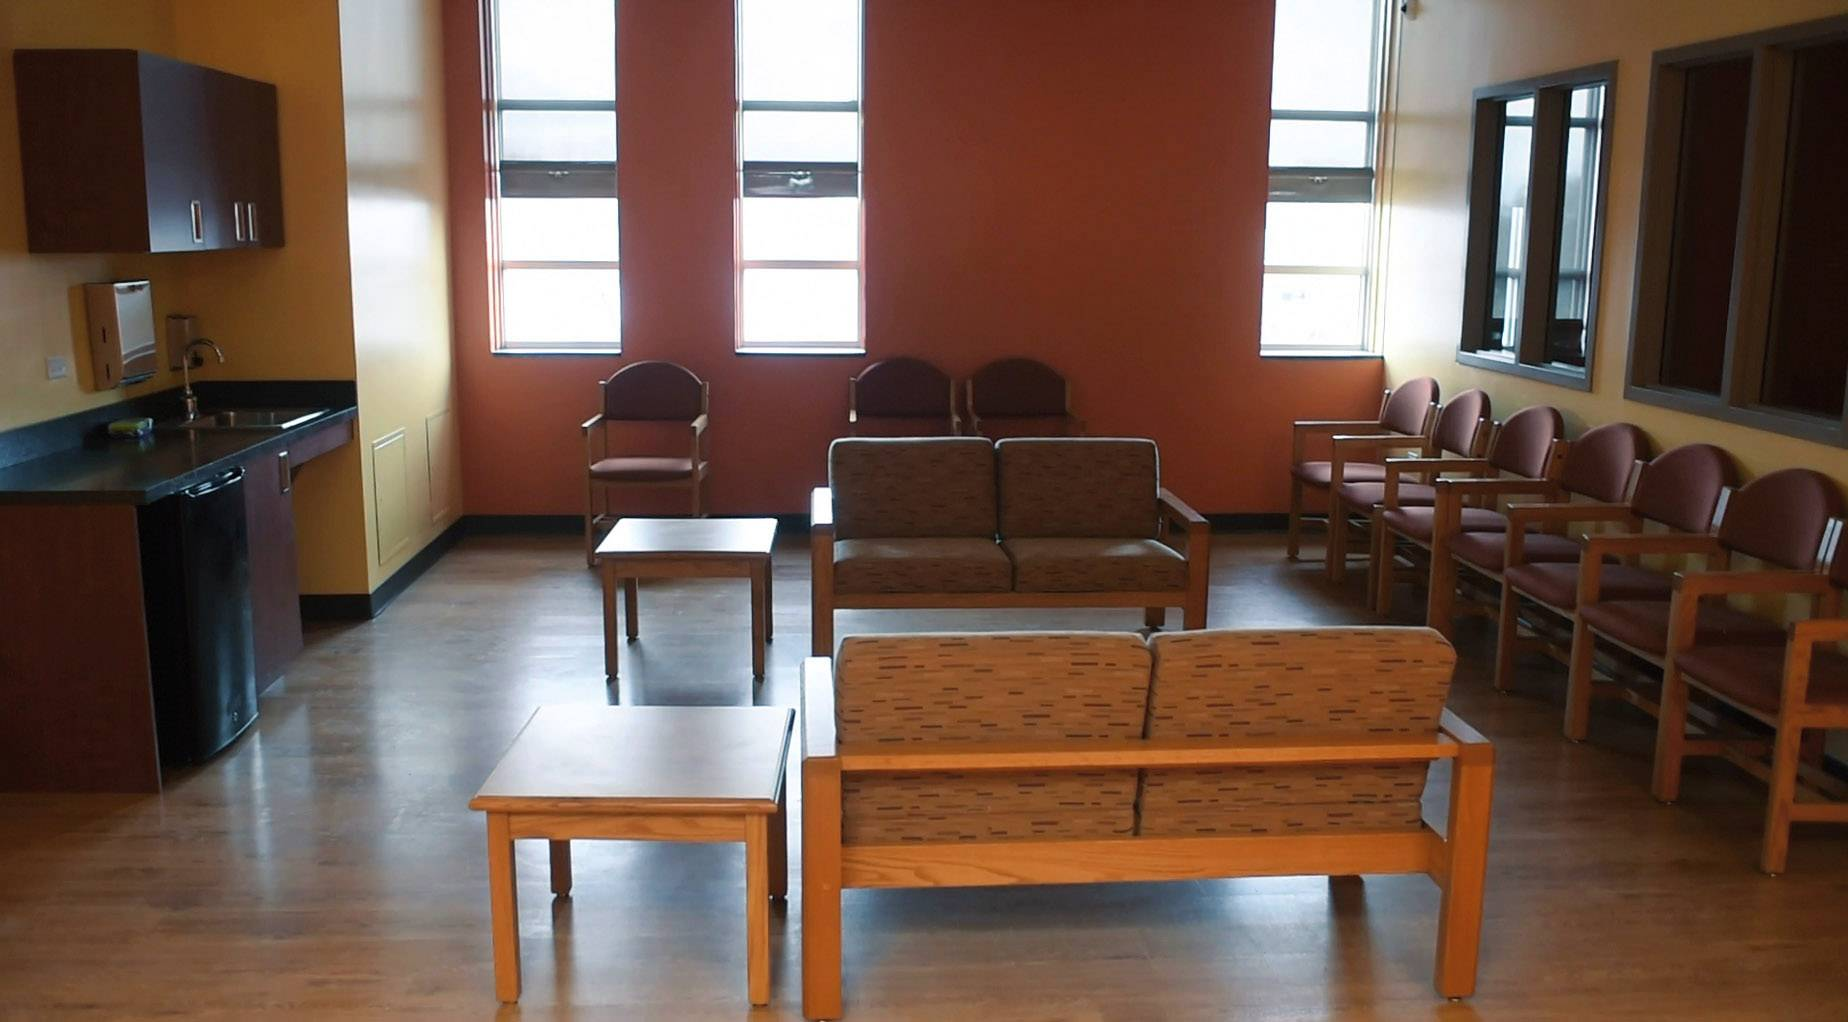 Des Plaines Hospital Adds Outpatient Program For Troubled Veterans